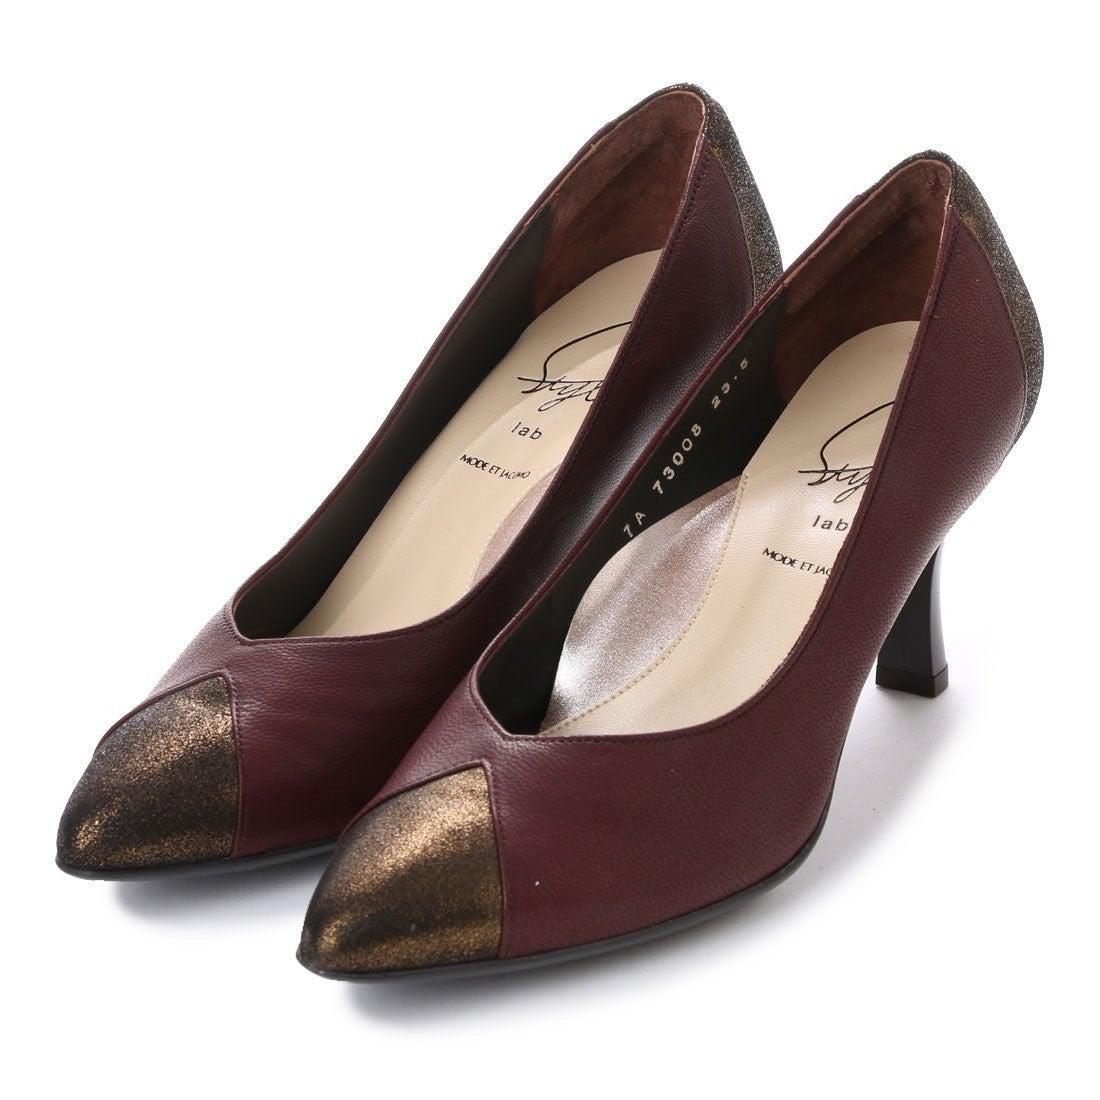 ロコンド 靴とファッションの通販サイトスタイルラボ STYLE lab Vカットポインテッドトゥパンプス (ワイン)